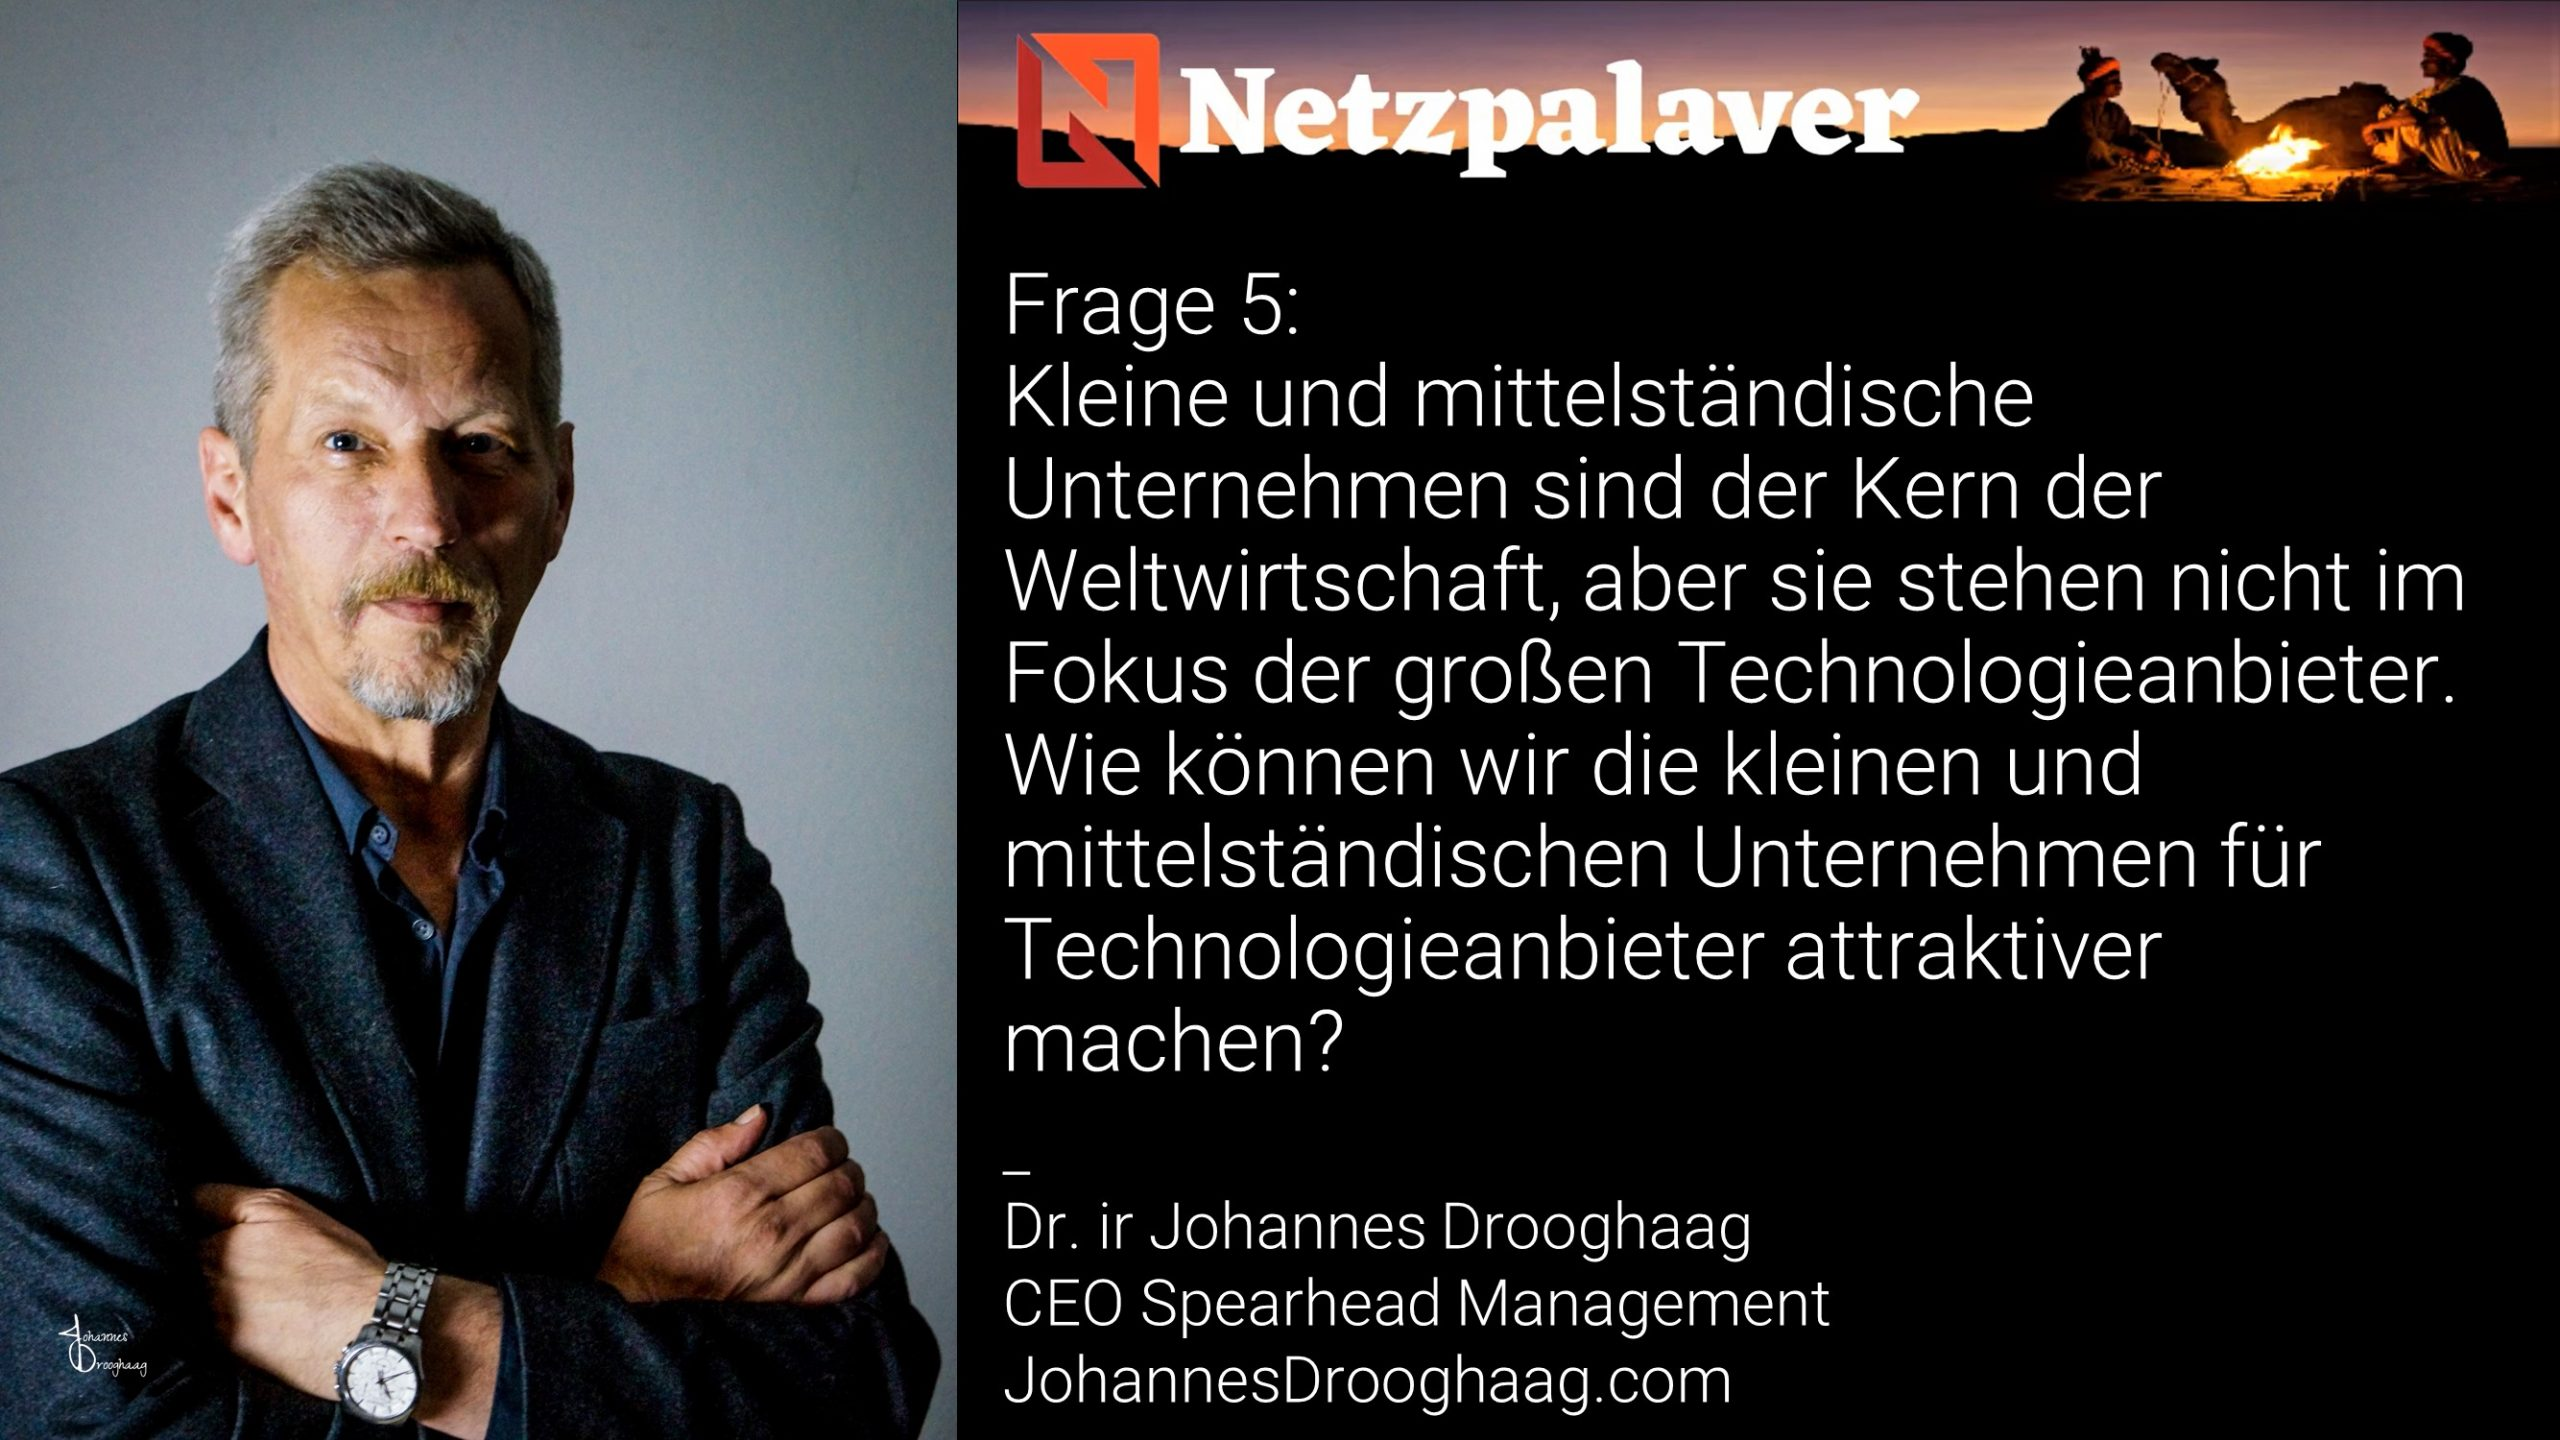 Netzpalaver: Mittelstand und Digitalisierung - Frage 5